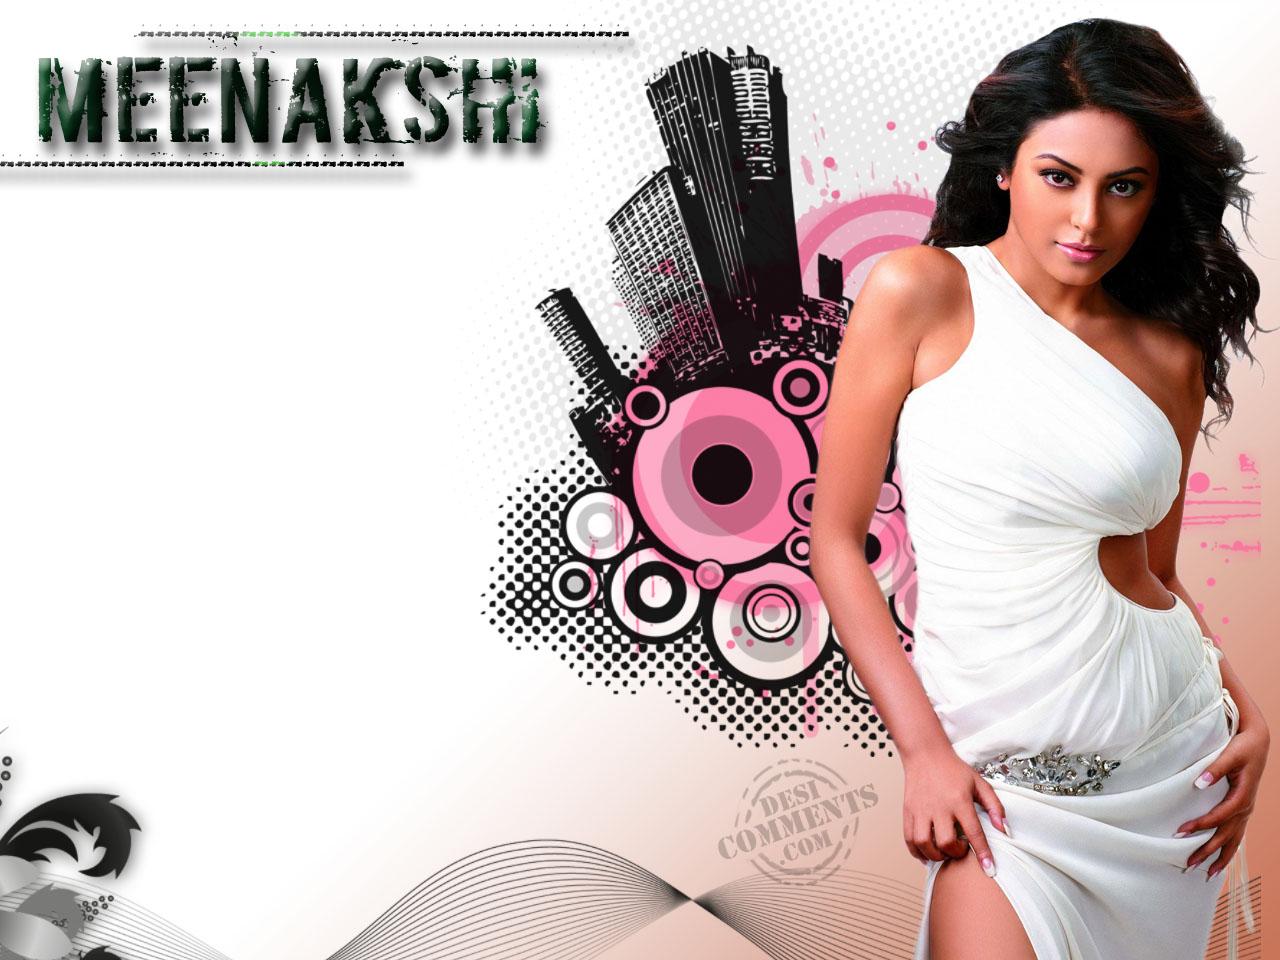 http://3.bp.blogspot.com/-leBaGlXJ_fM/TYASVfR_gfI/AAAAAAAAF7A/vkOKYZQZDpM/s1600/Meenakshi-wallpaper-4%255B1%255D.jpg